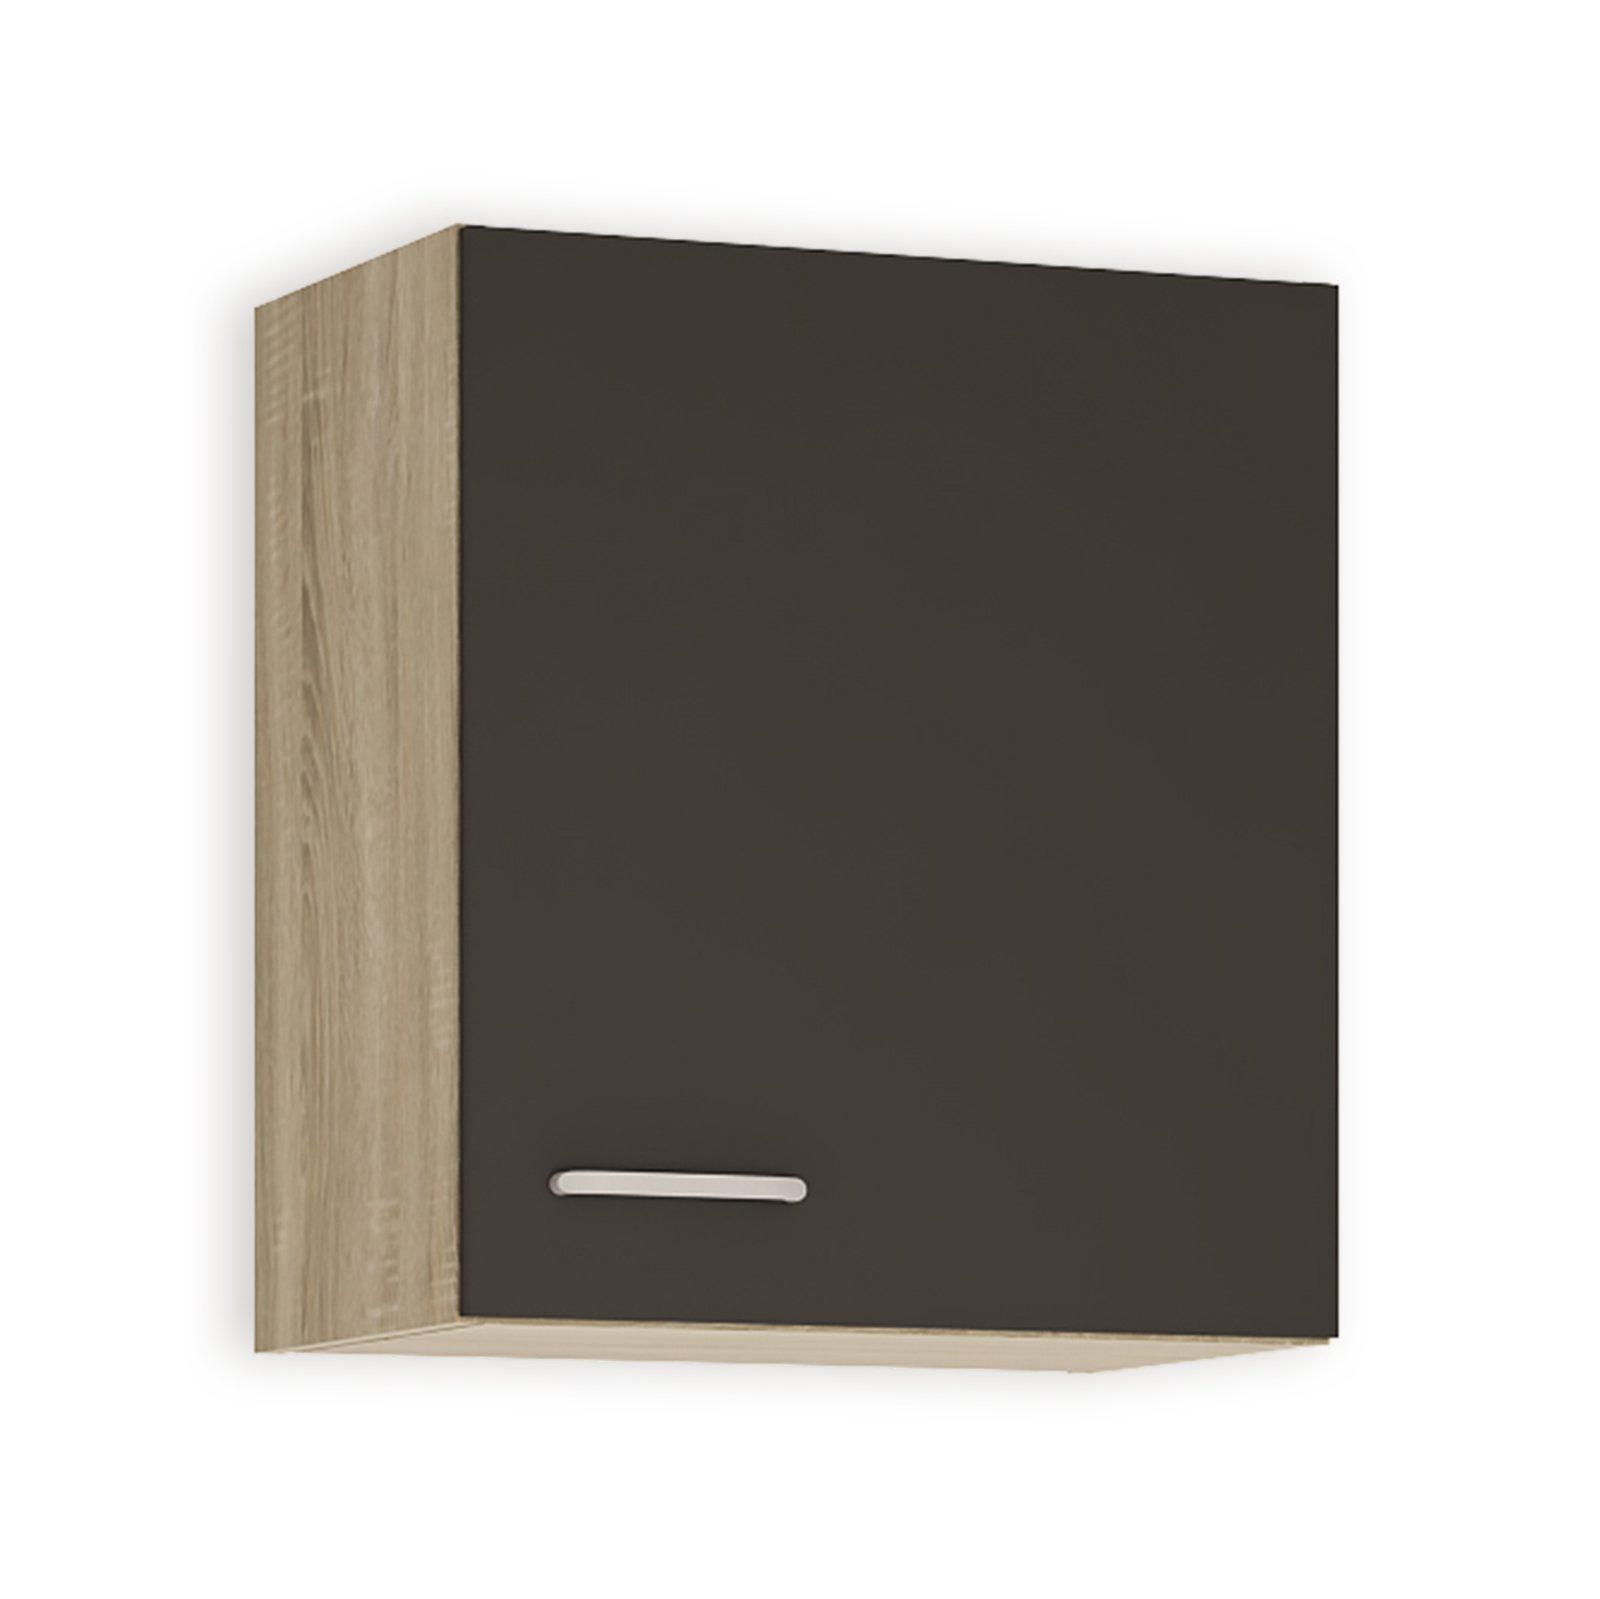 h ngeschrank fox anthrazit sonoma eiche 50 cm breit h ngeschr nke einzelschr nke. Black Bedroom Furniture Sets. Home Design Ideas